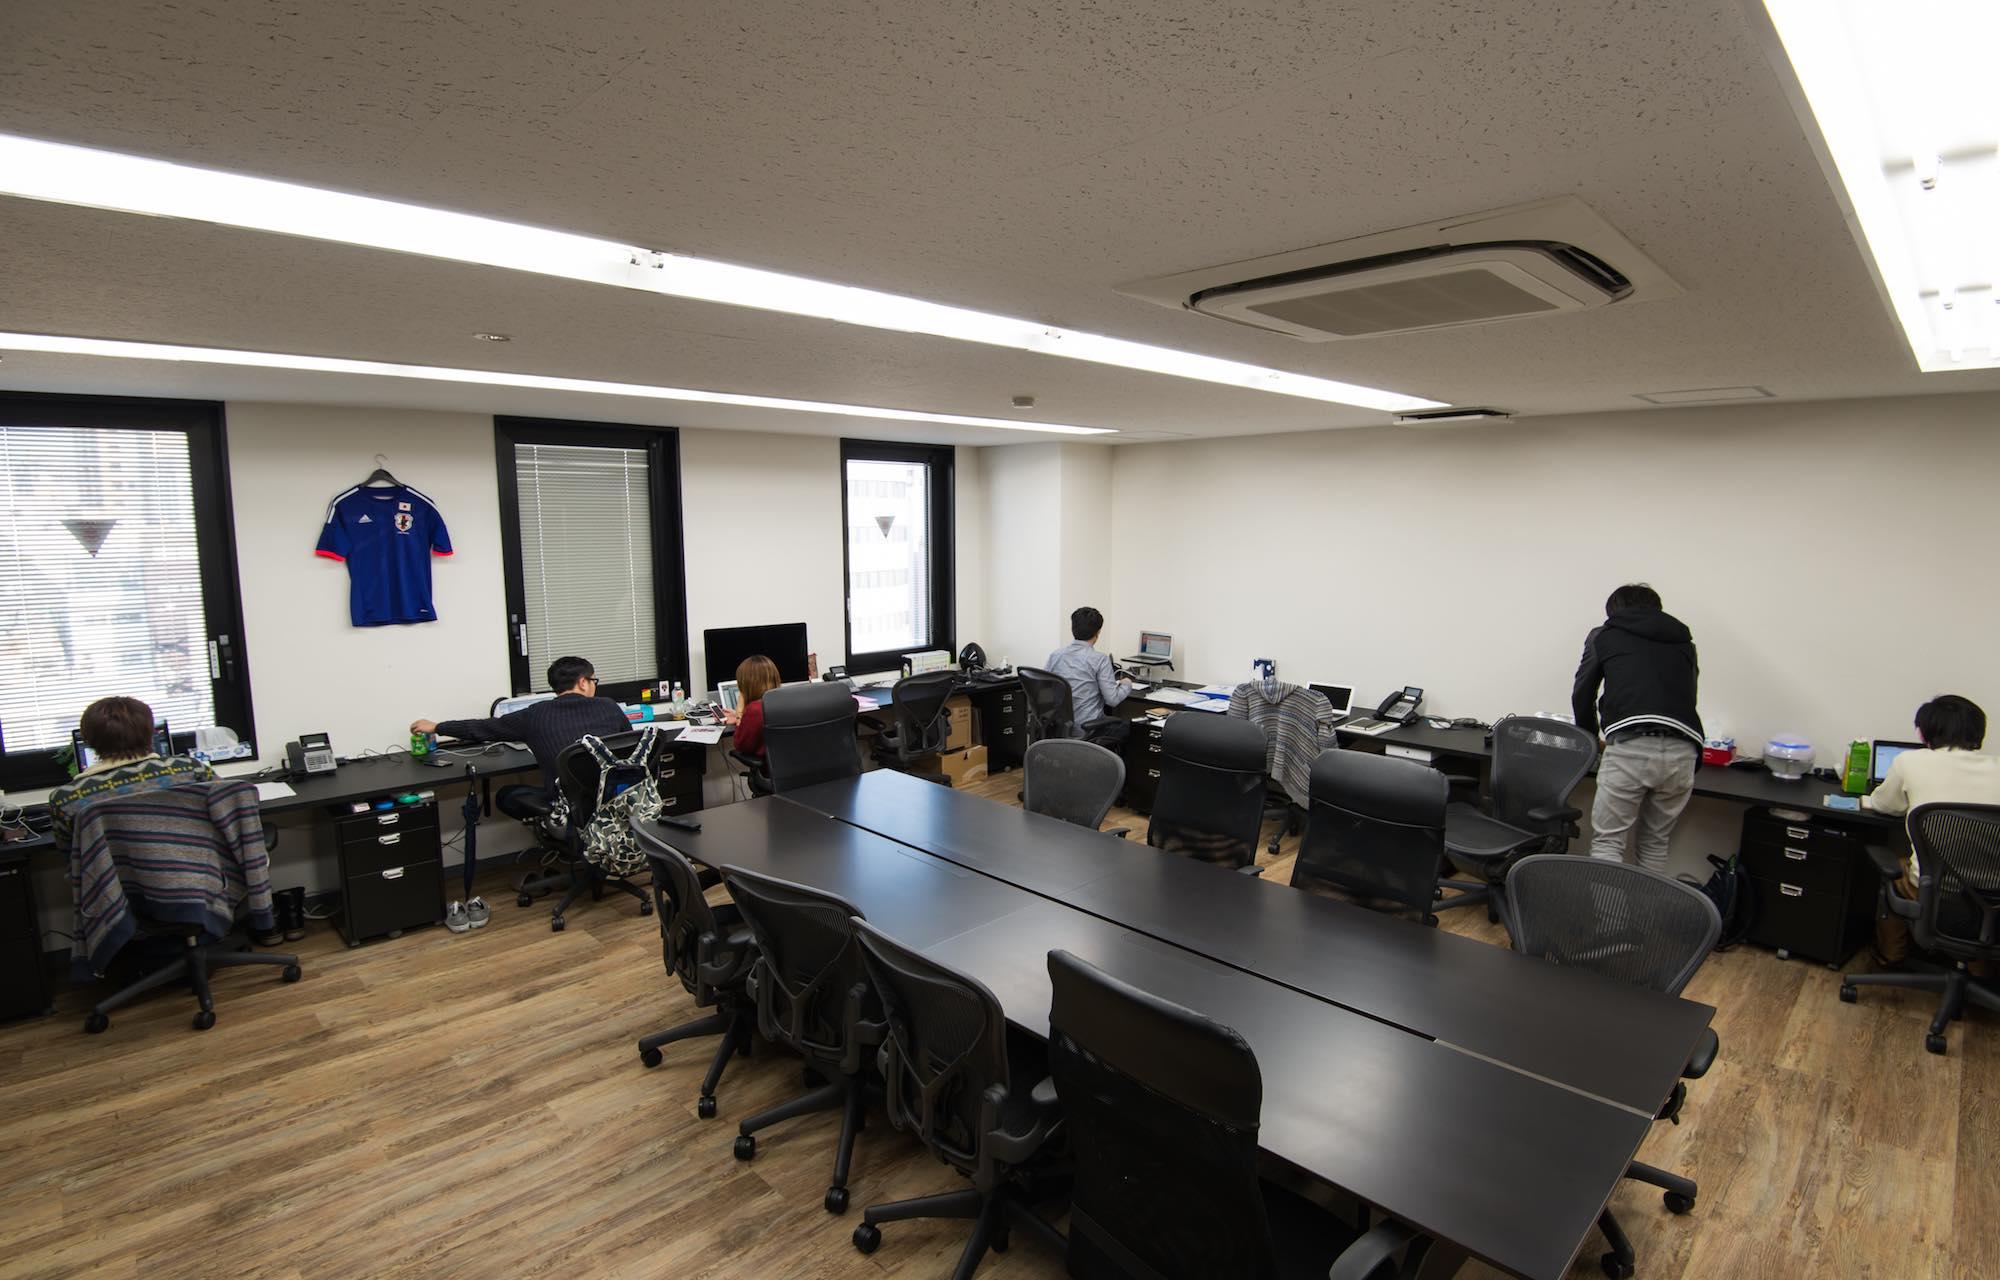 株式会社アンダーチュア Work Space デザイン・レイアウト事例